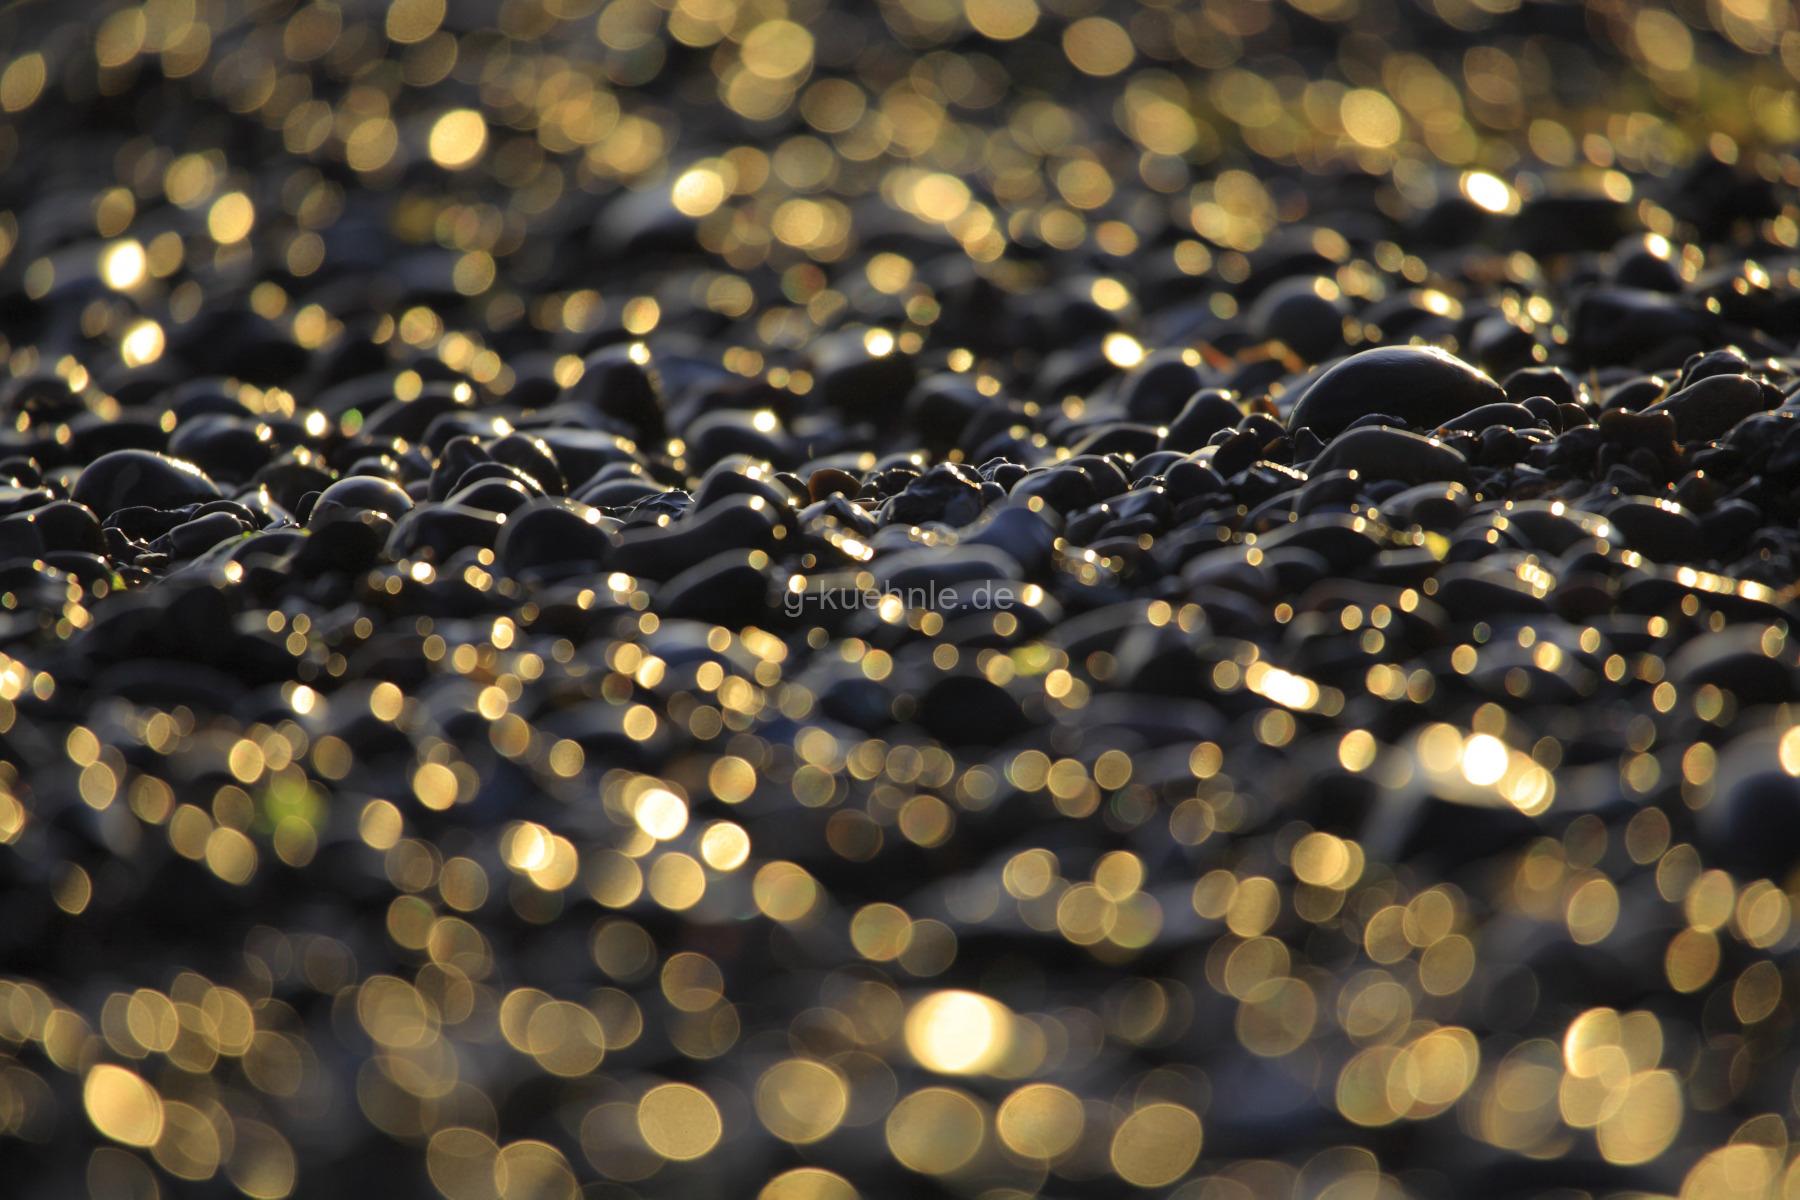 Steine am Strand - Nienhagen, Mecklenburg-Vorpommern, Deutschland, Europa